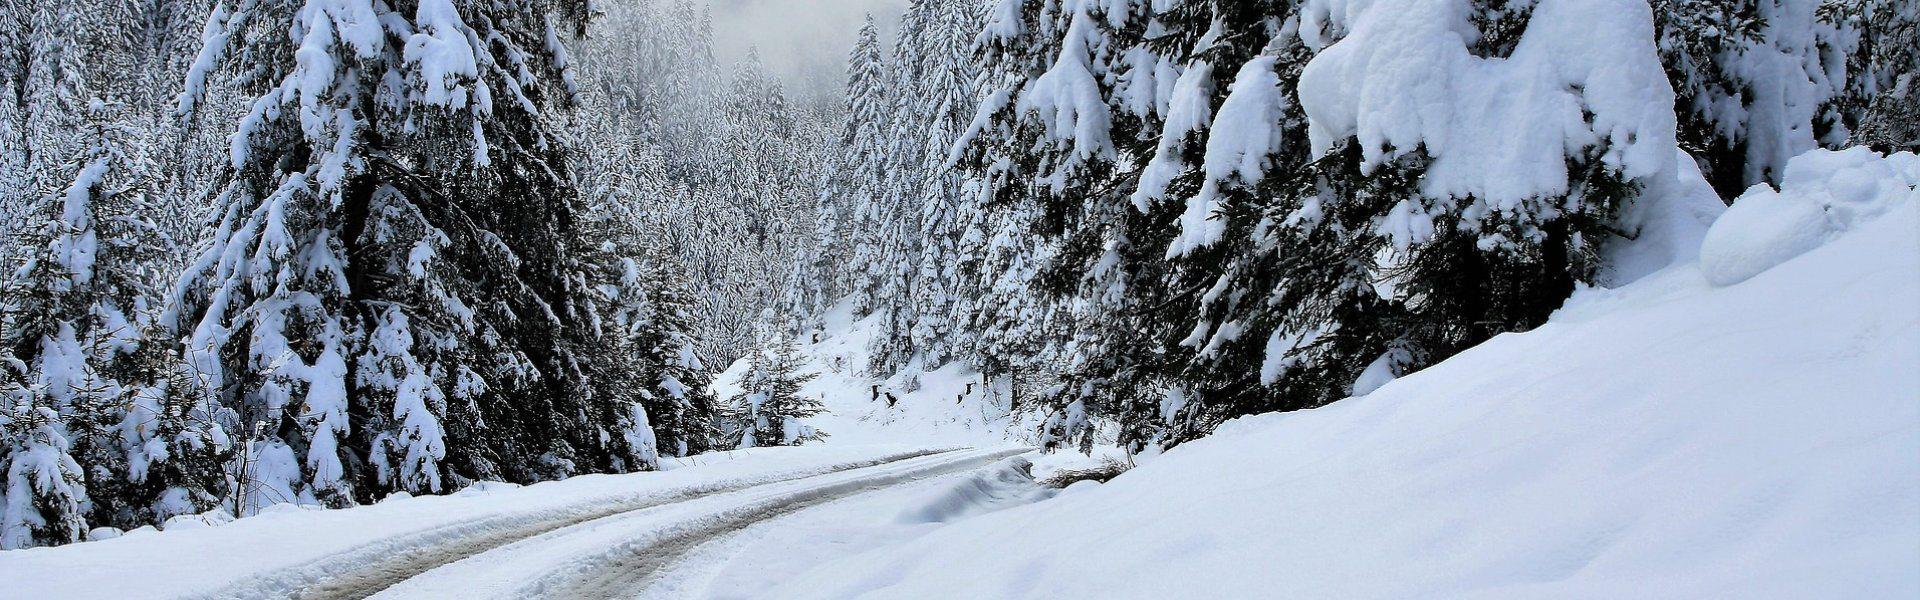 Sneeuwkettingen voor de Renault Megane